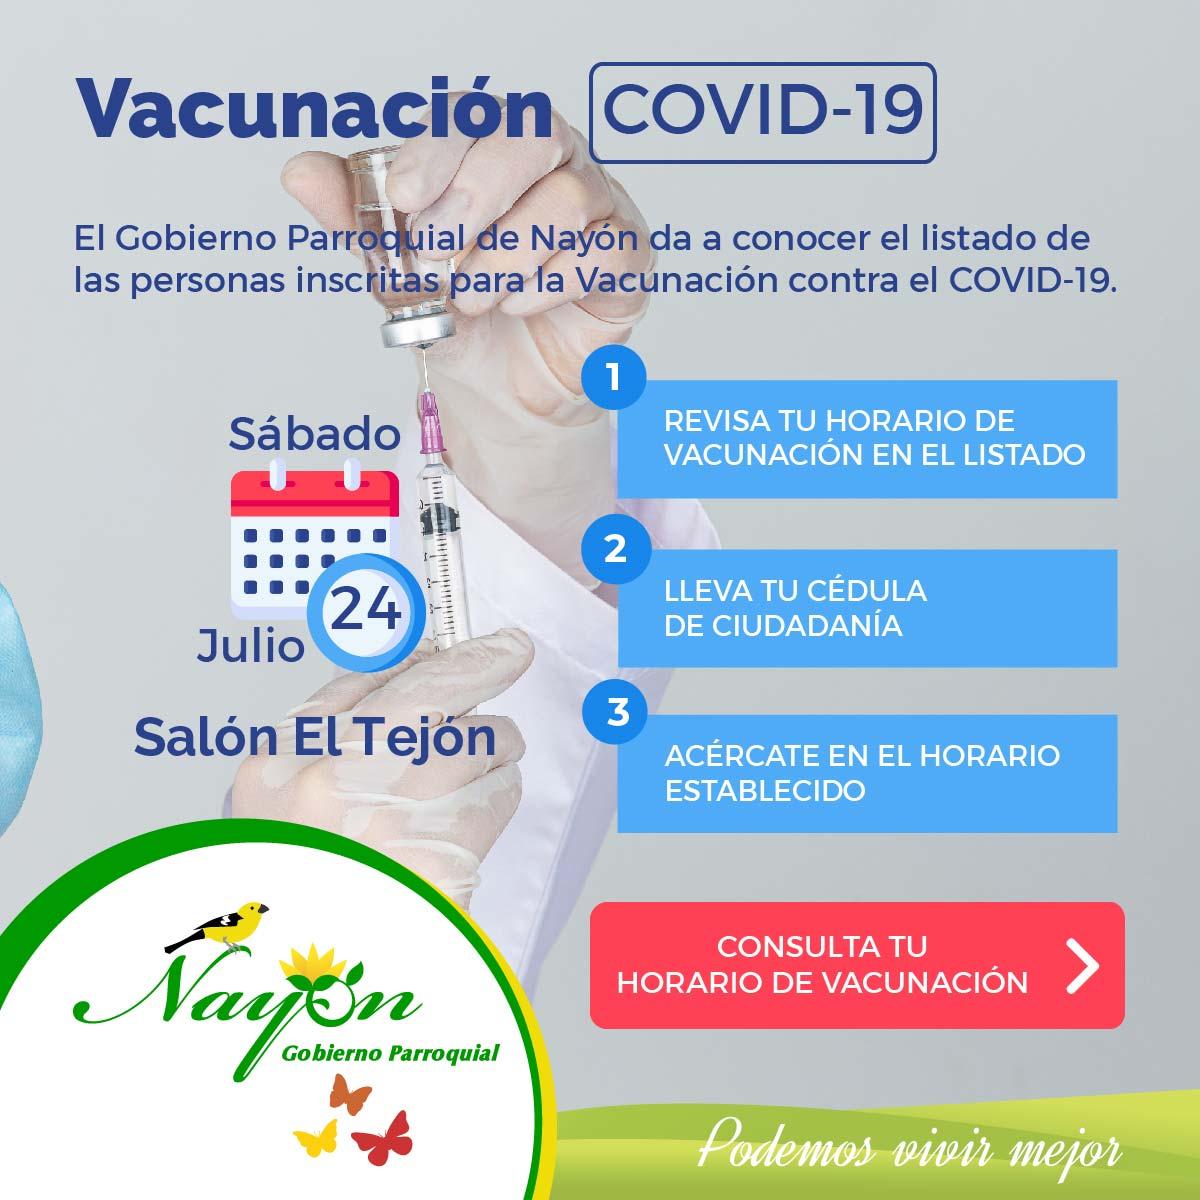 Listado para Vacunación contra COVID-19